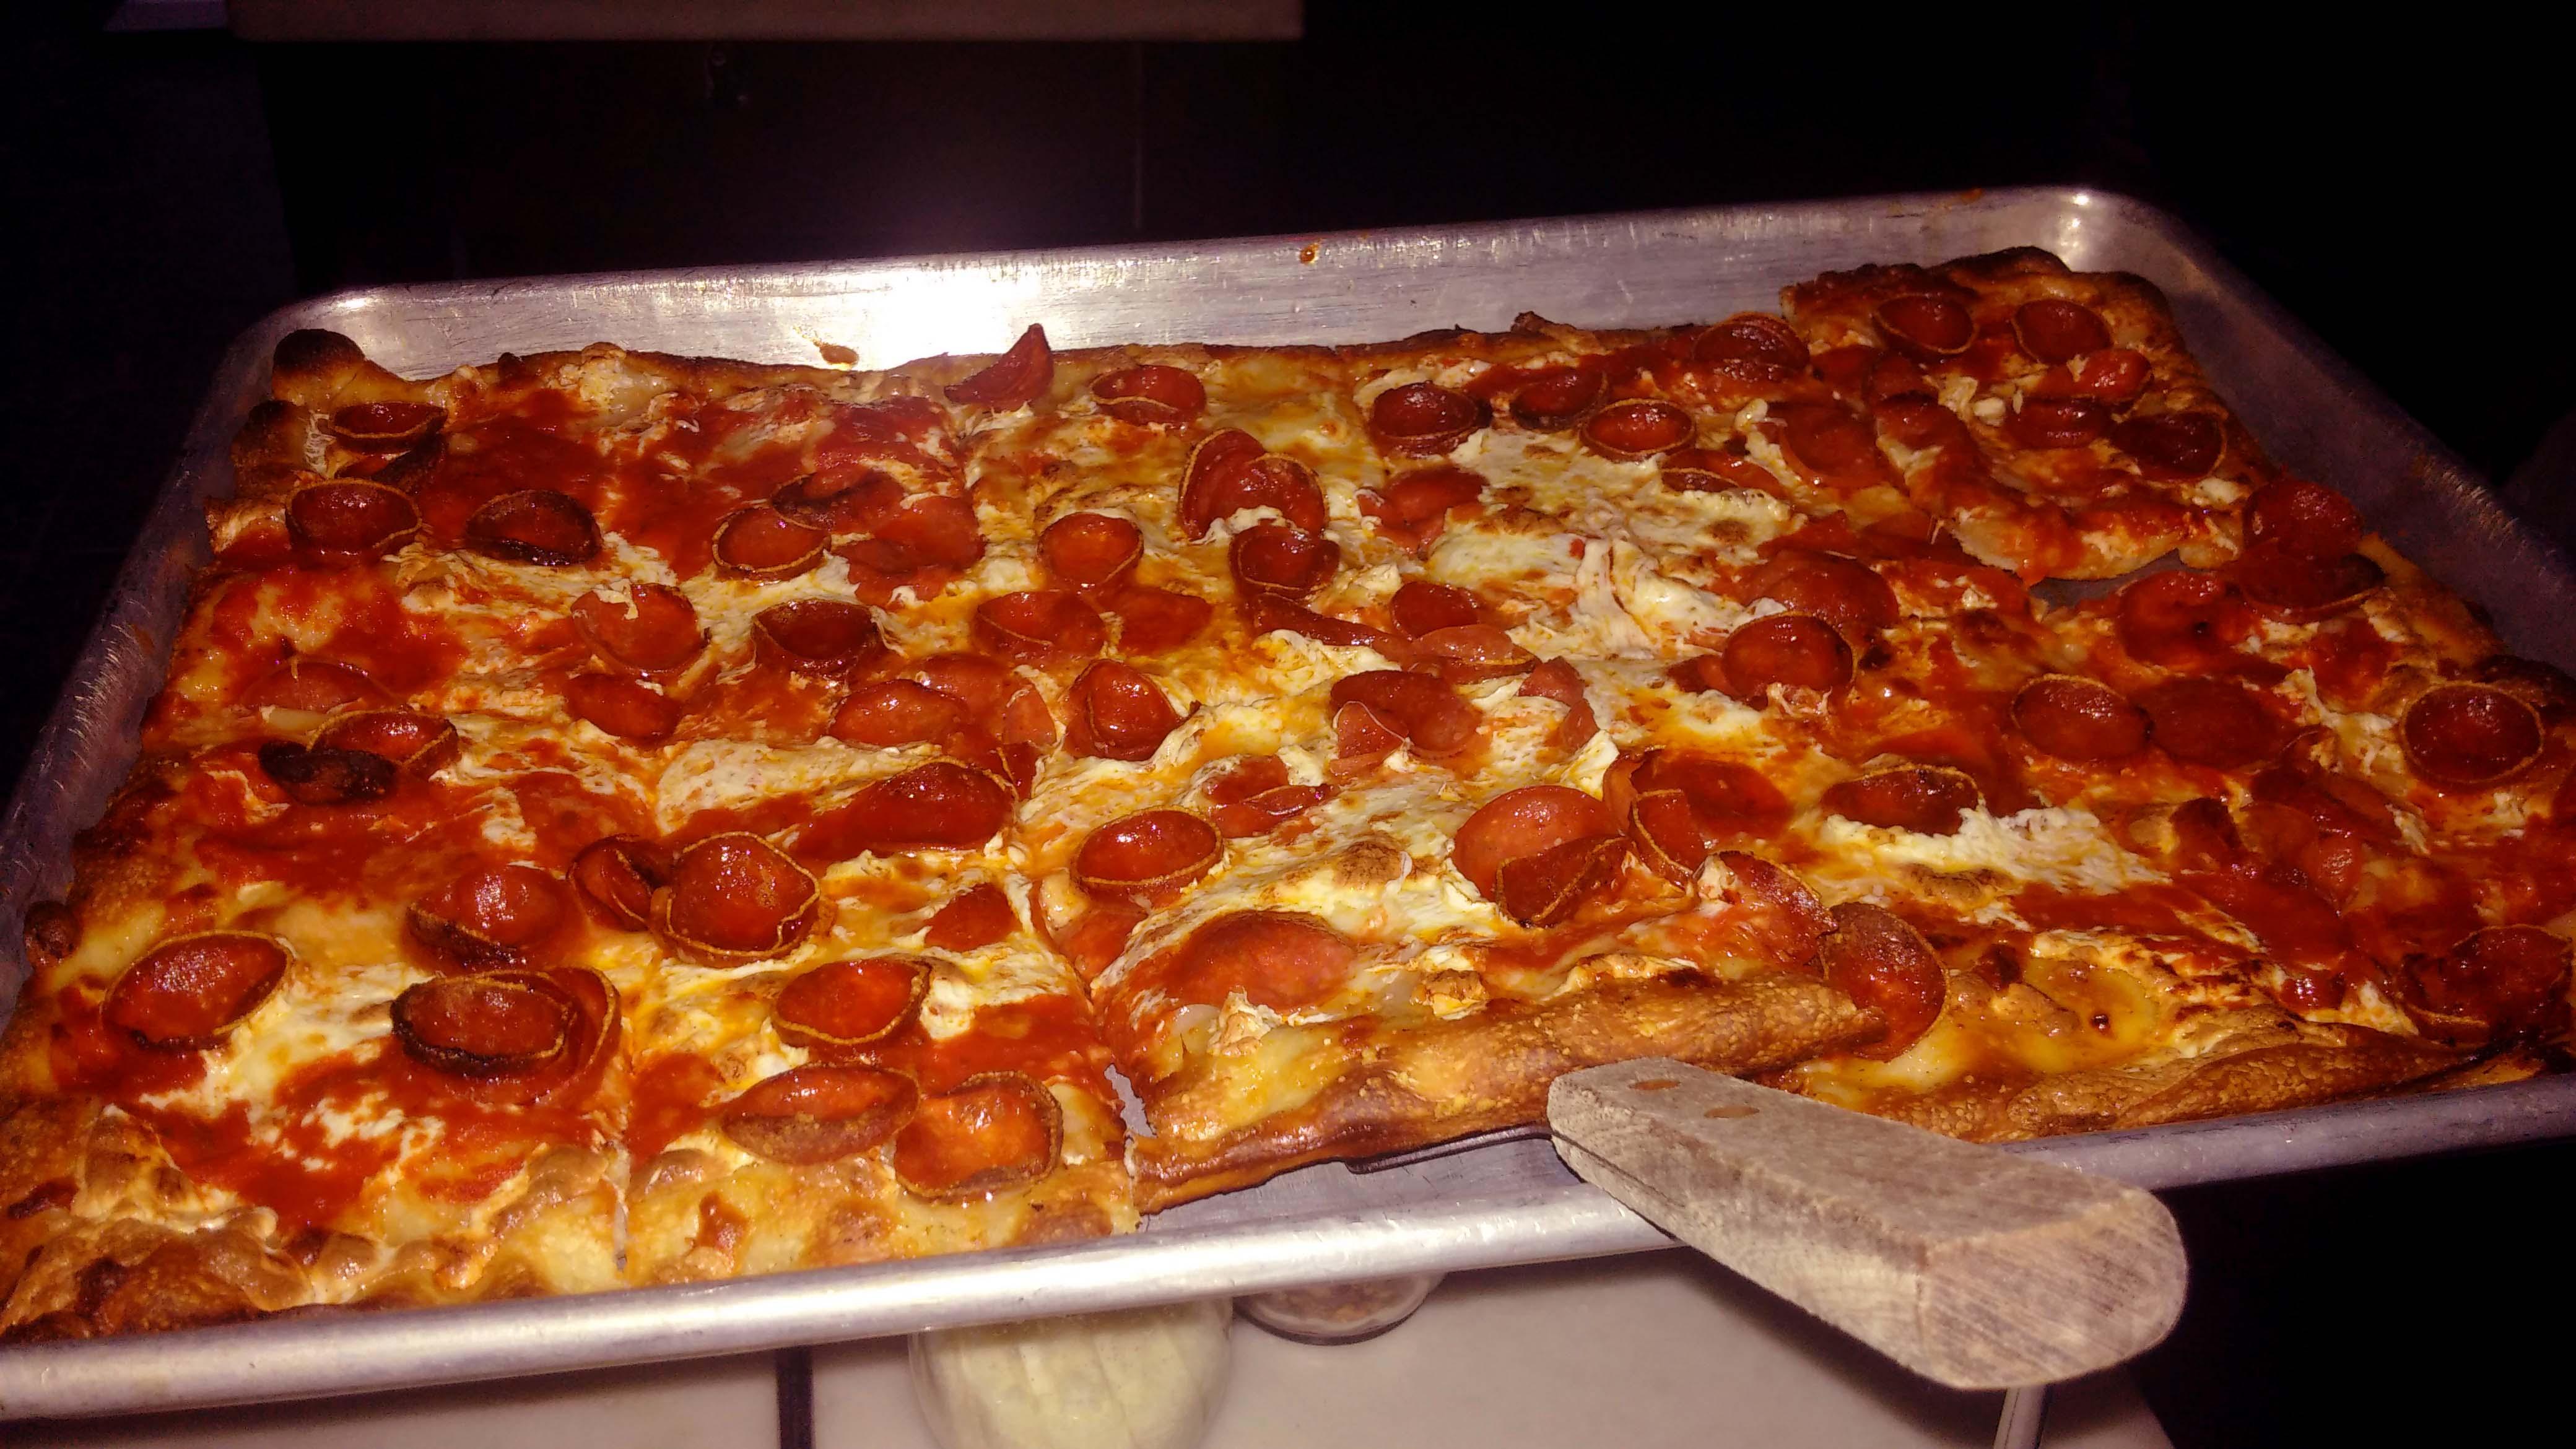 Harrys Italian pizza